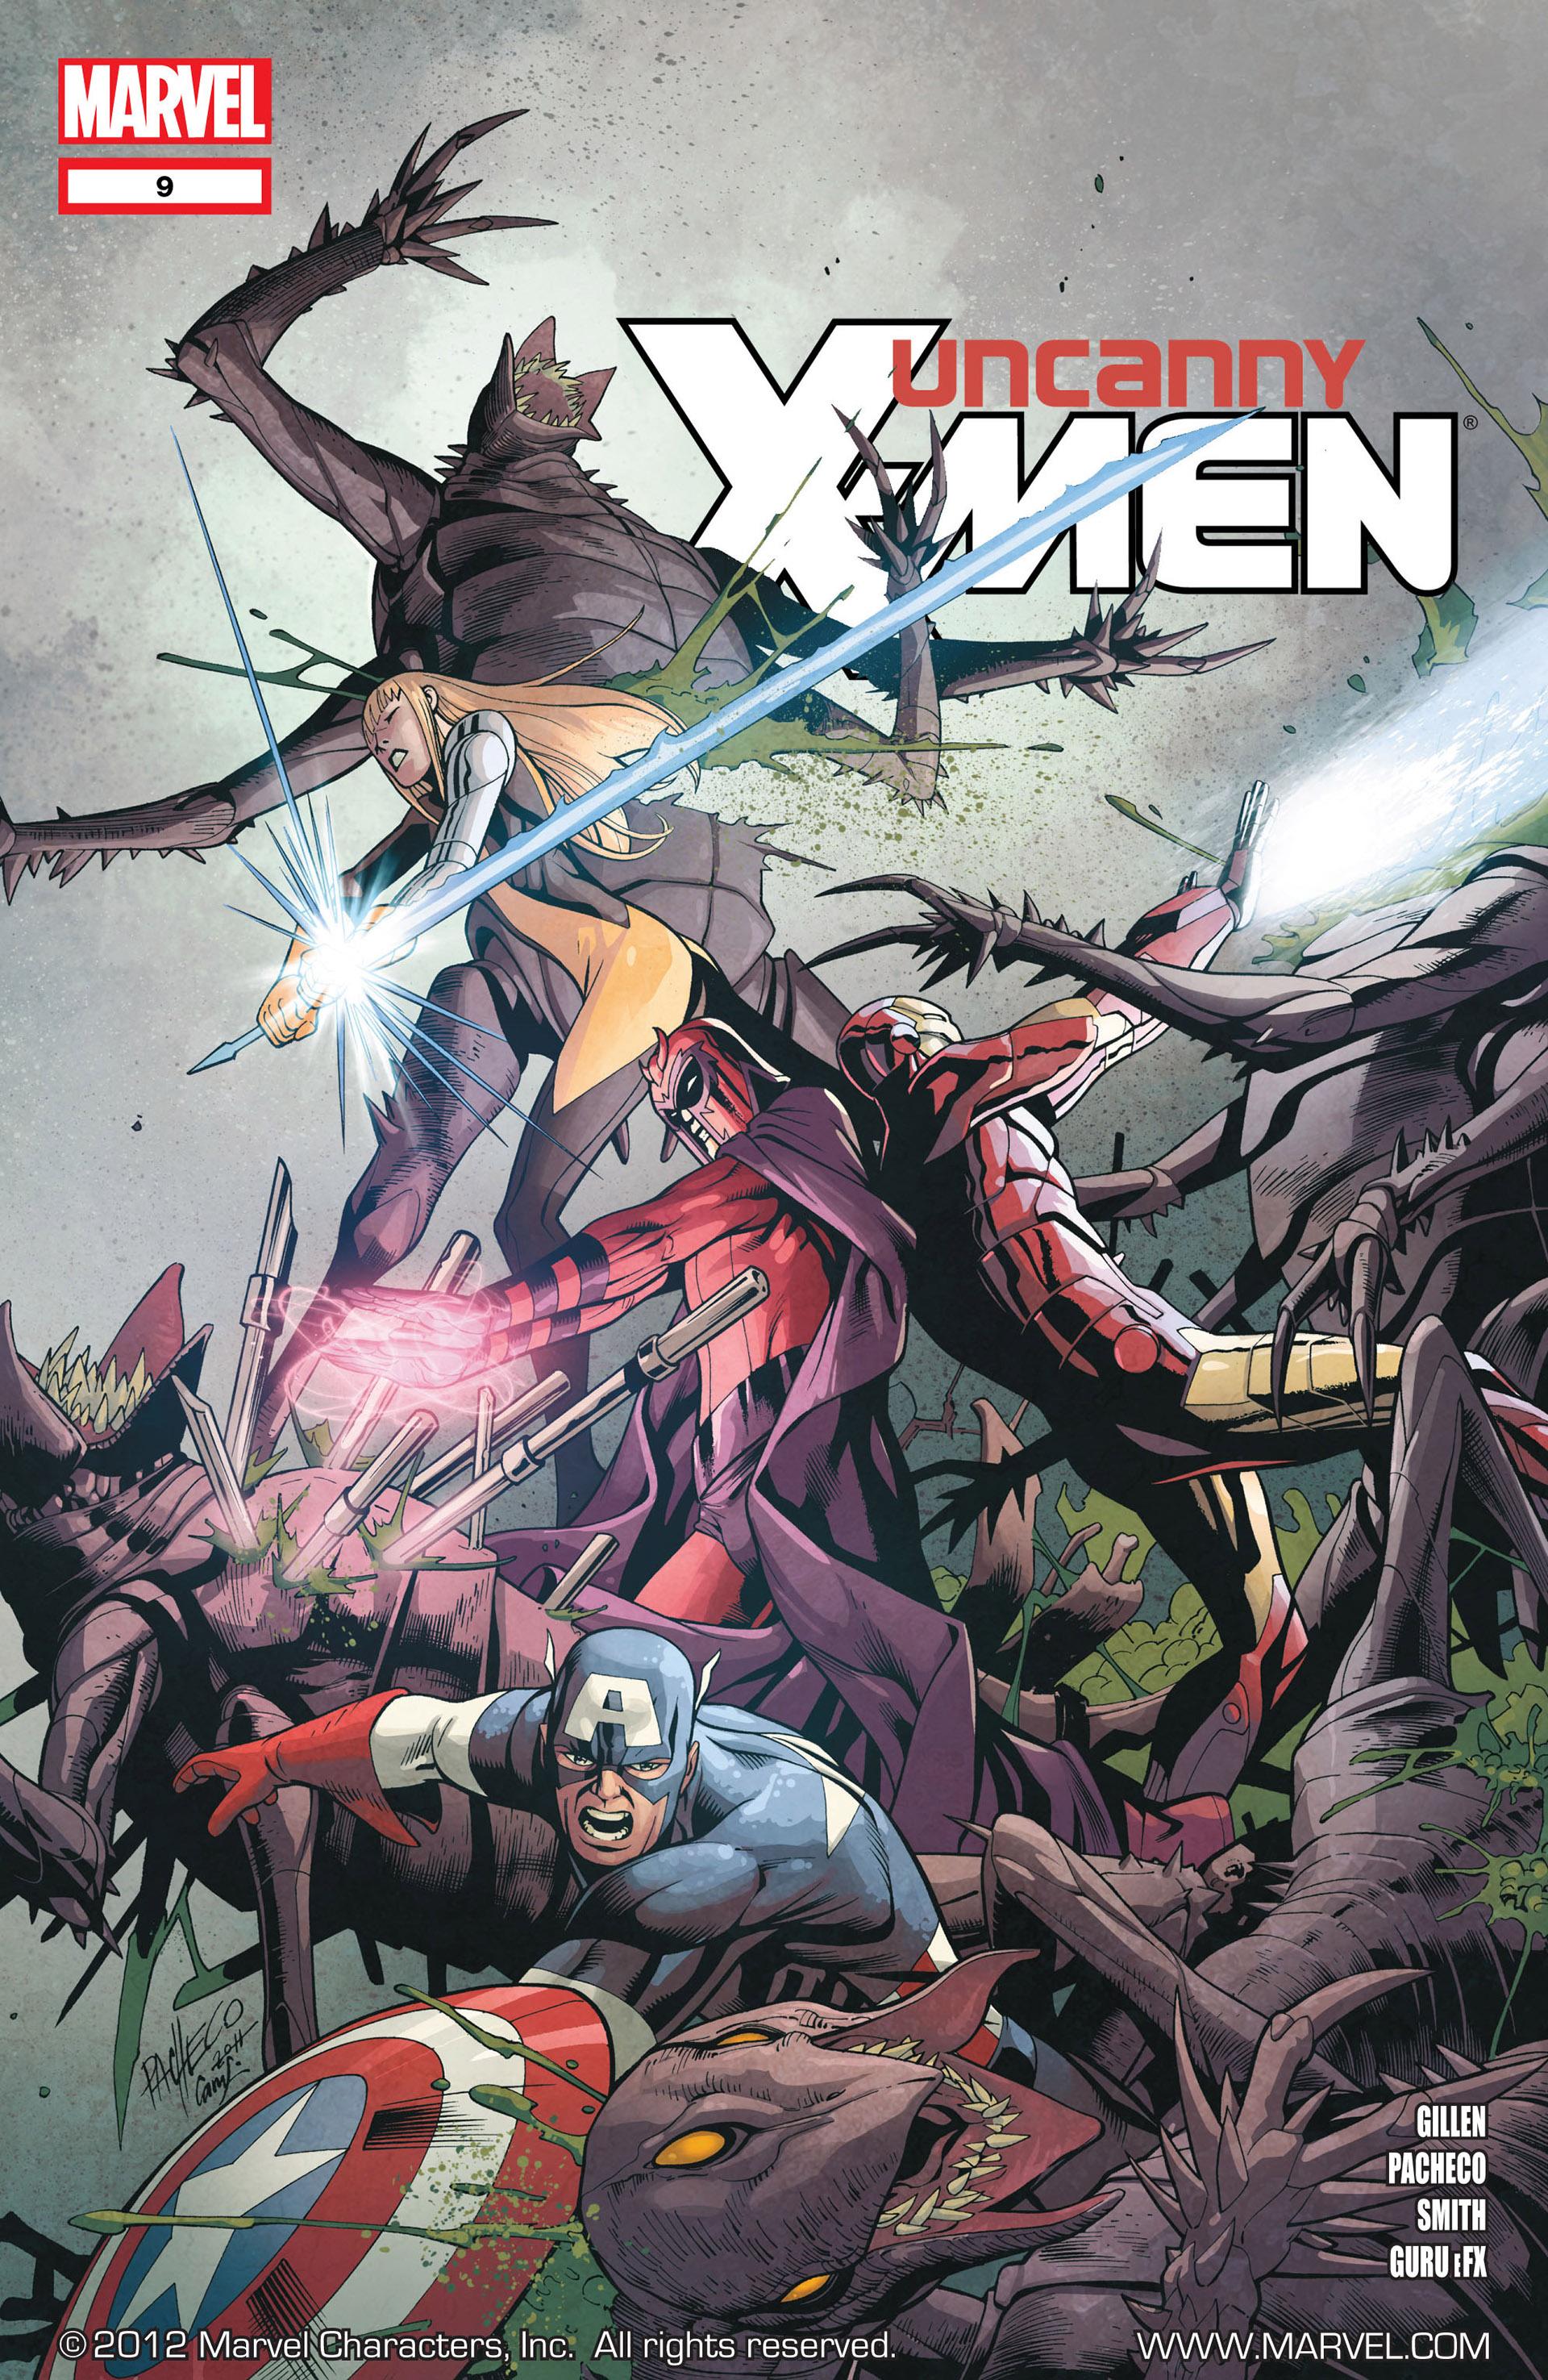 Uncanny X-Men (2012) 9 Page 1